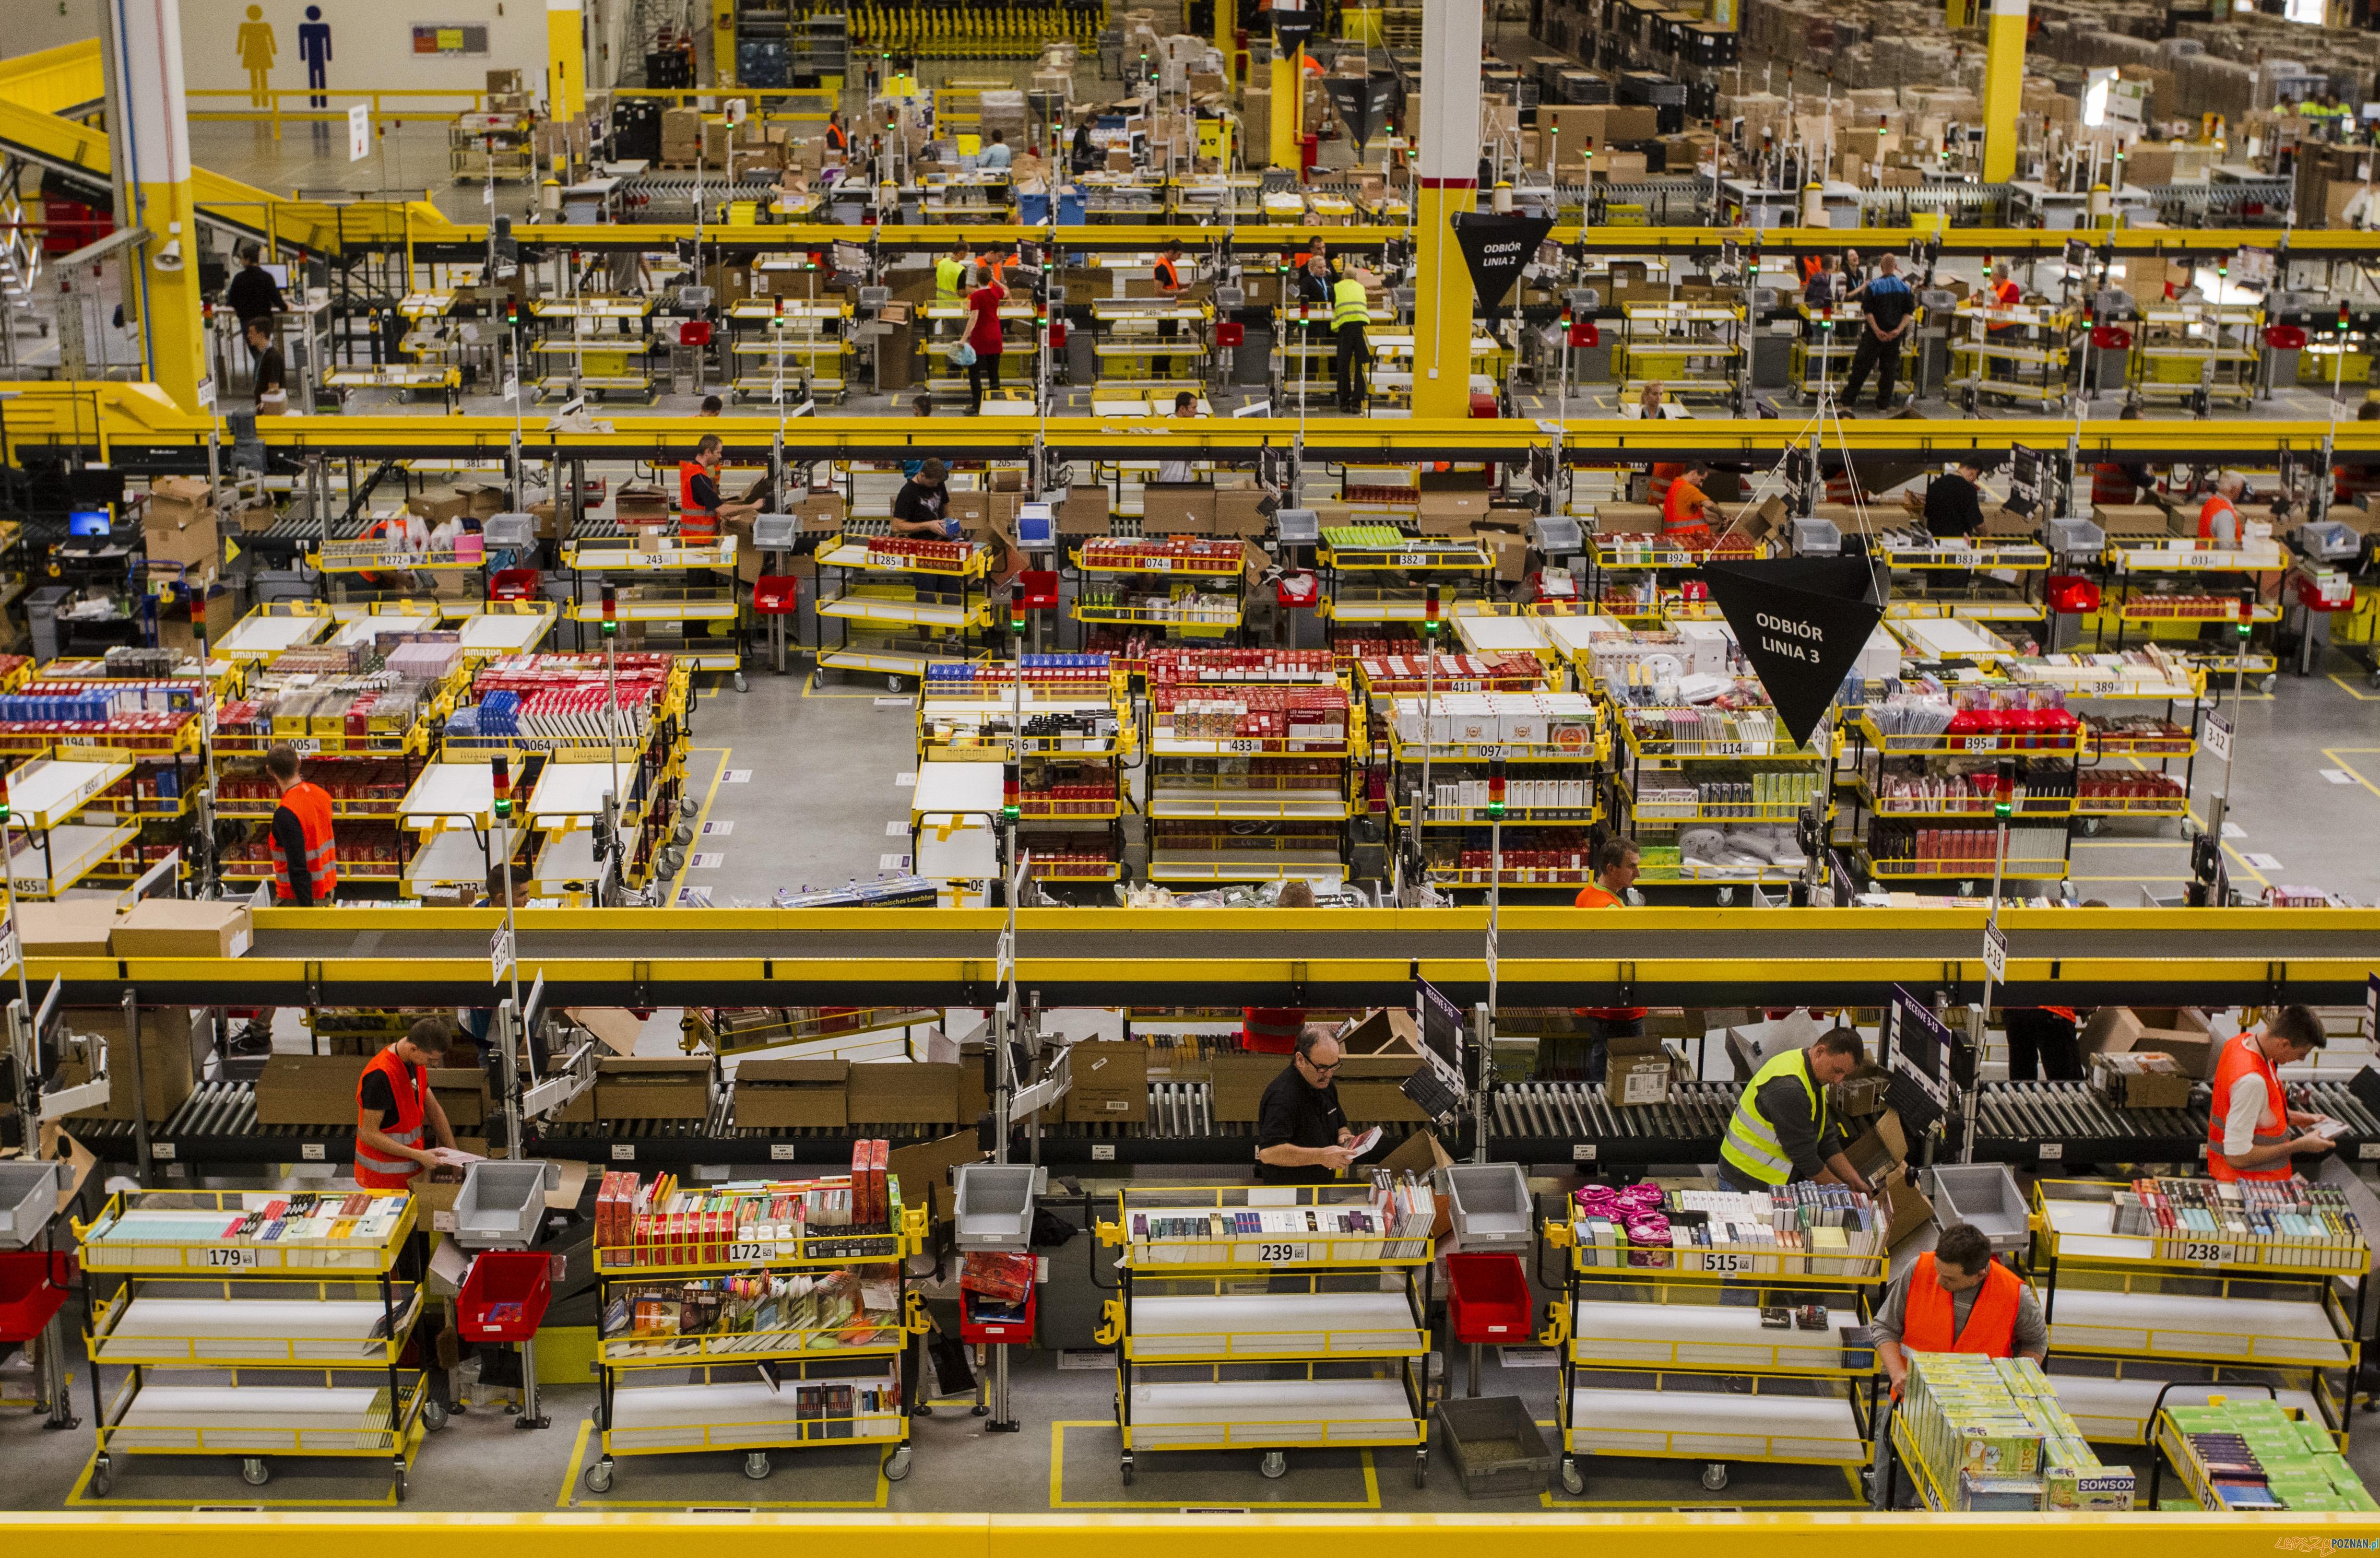 Oficjalne otwarcie centrum logistyczno-magazynowego Amazon w Sadach (4)